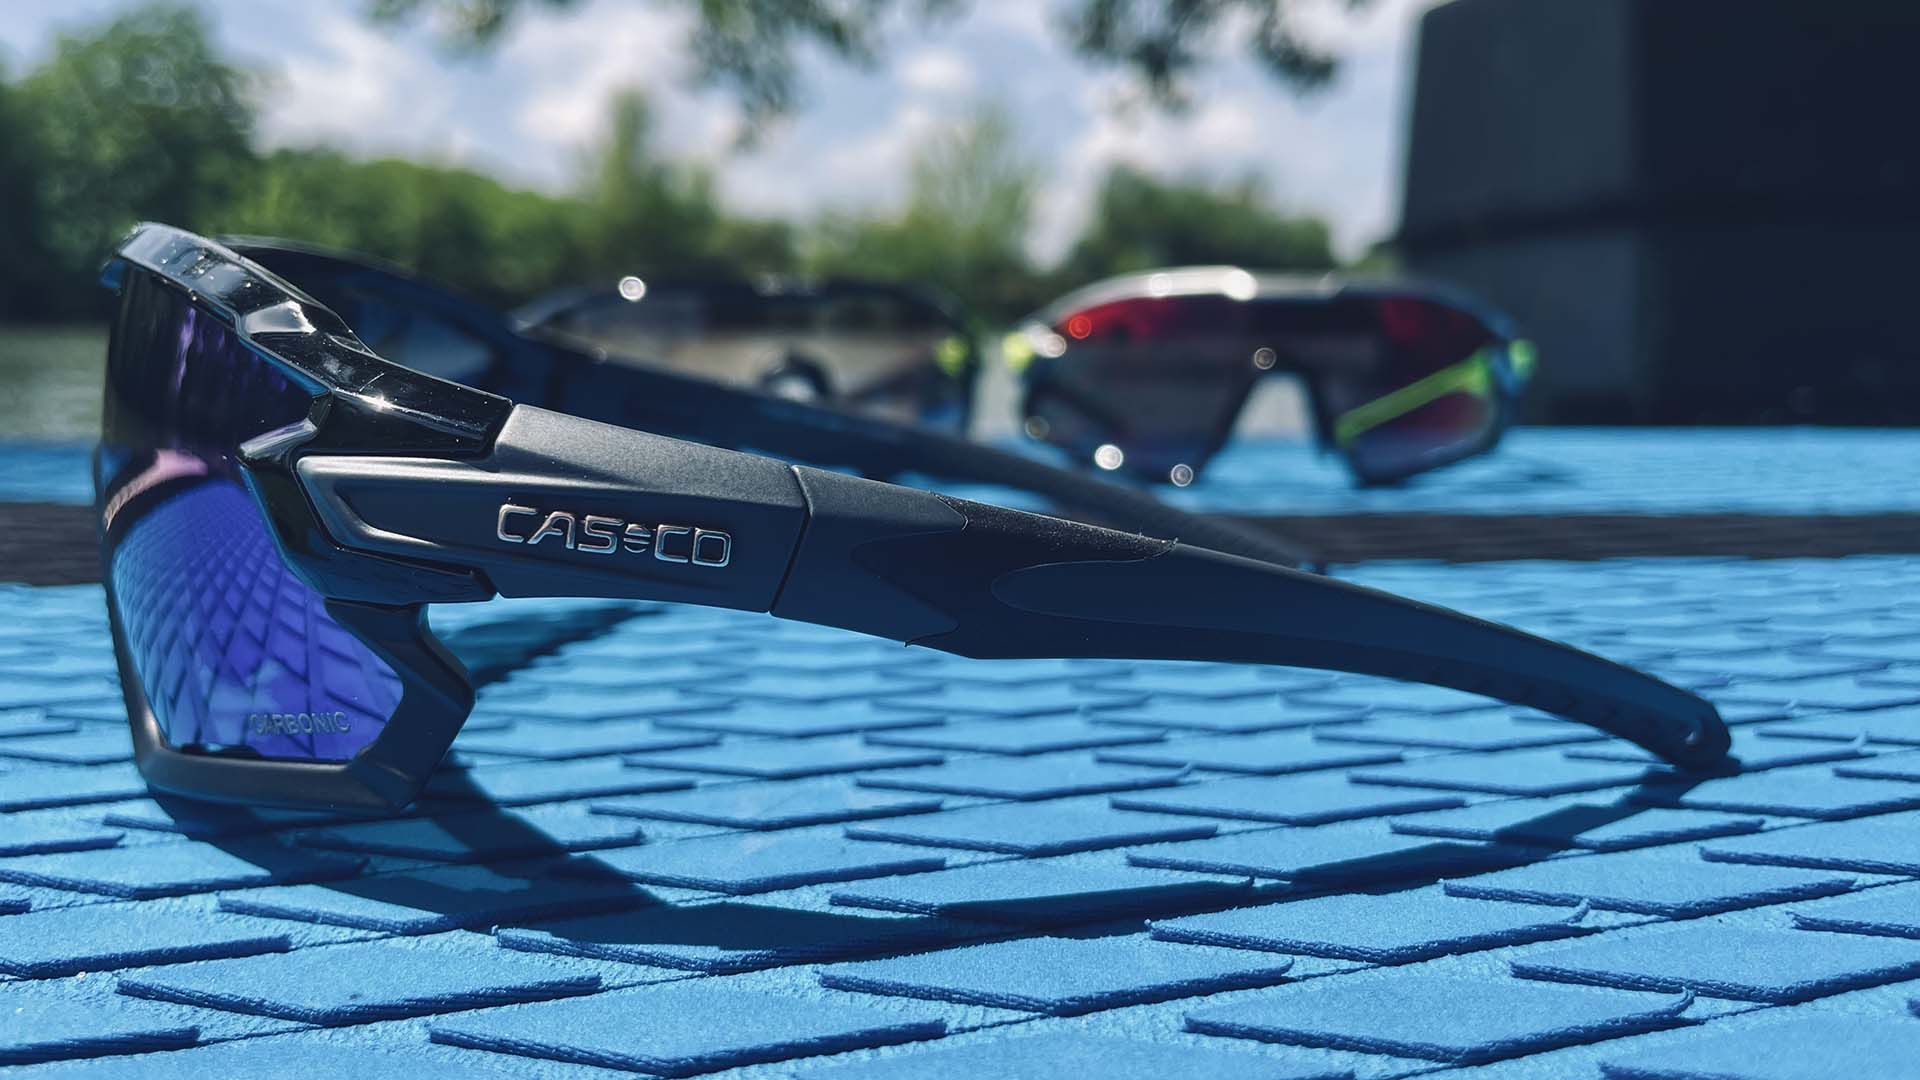 Funkcionális szemüveg sportoláshoz kifejlesztve: Casco SX-34 sportszemüveg-11